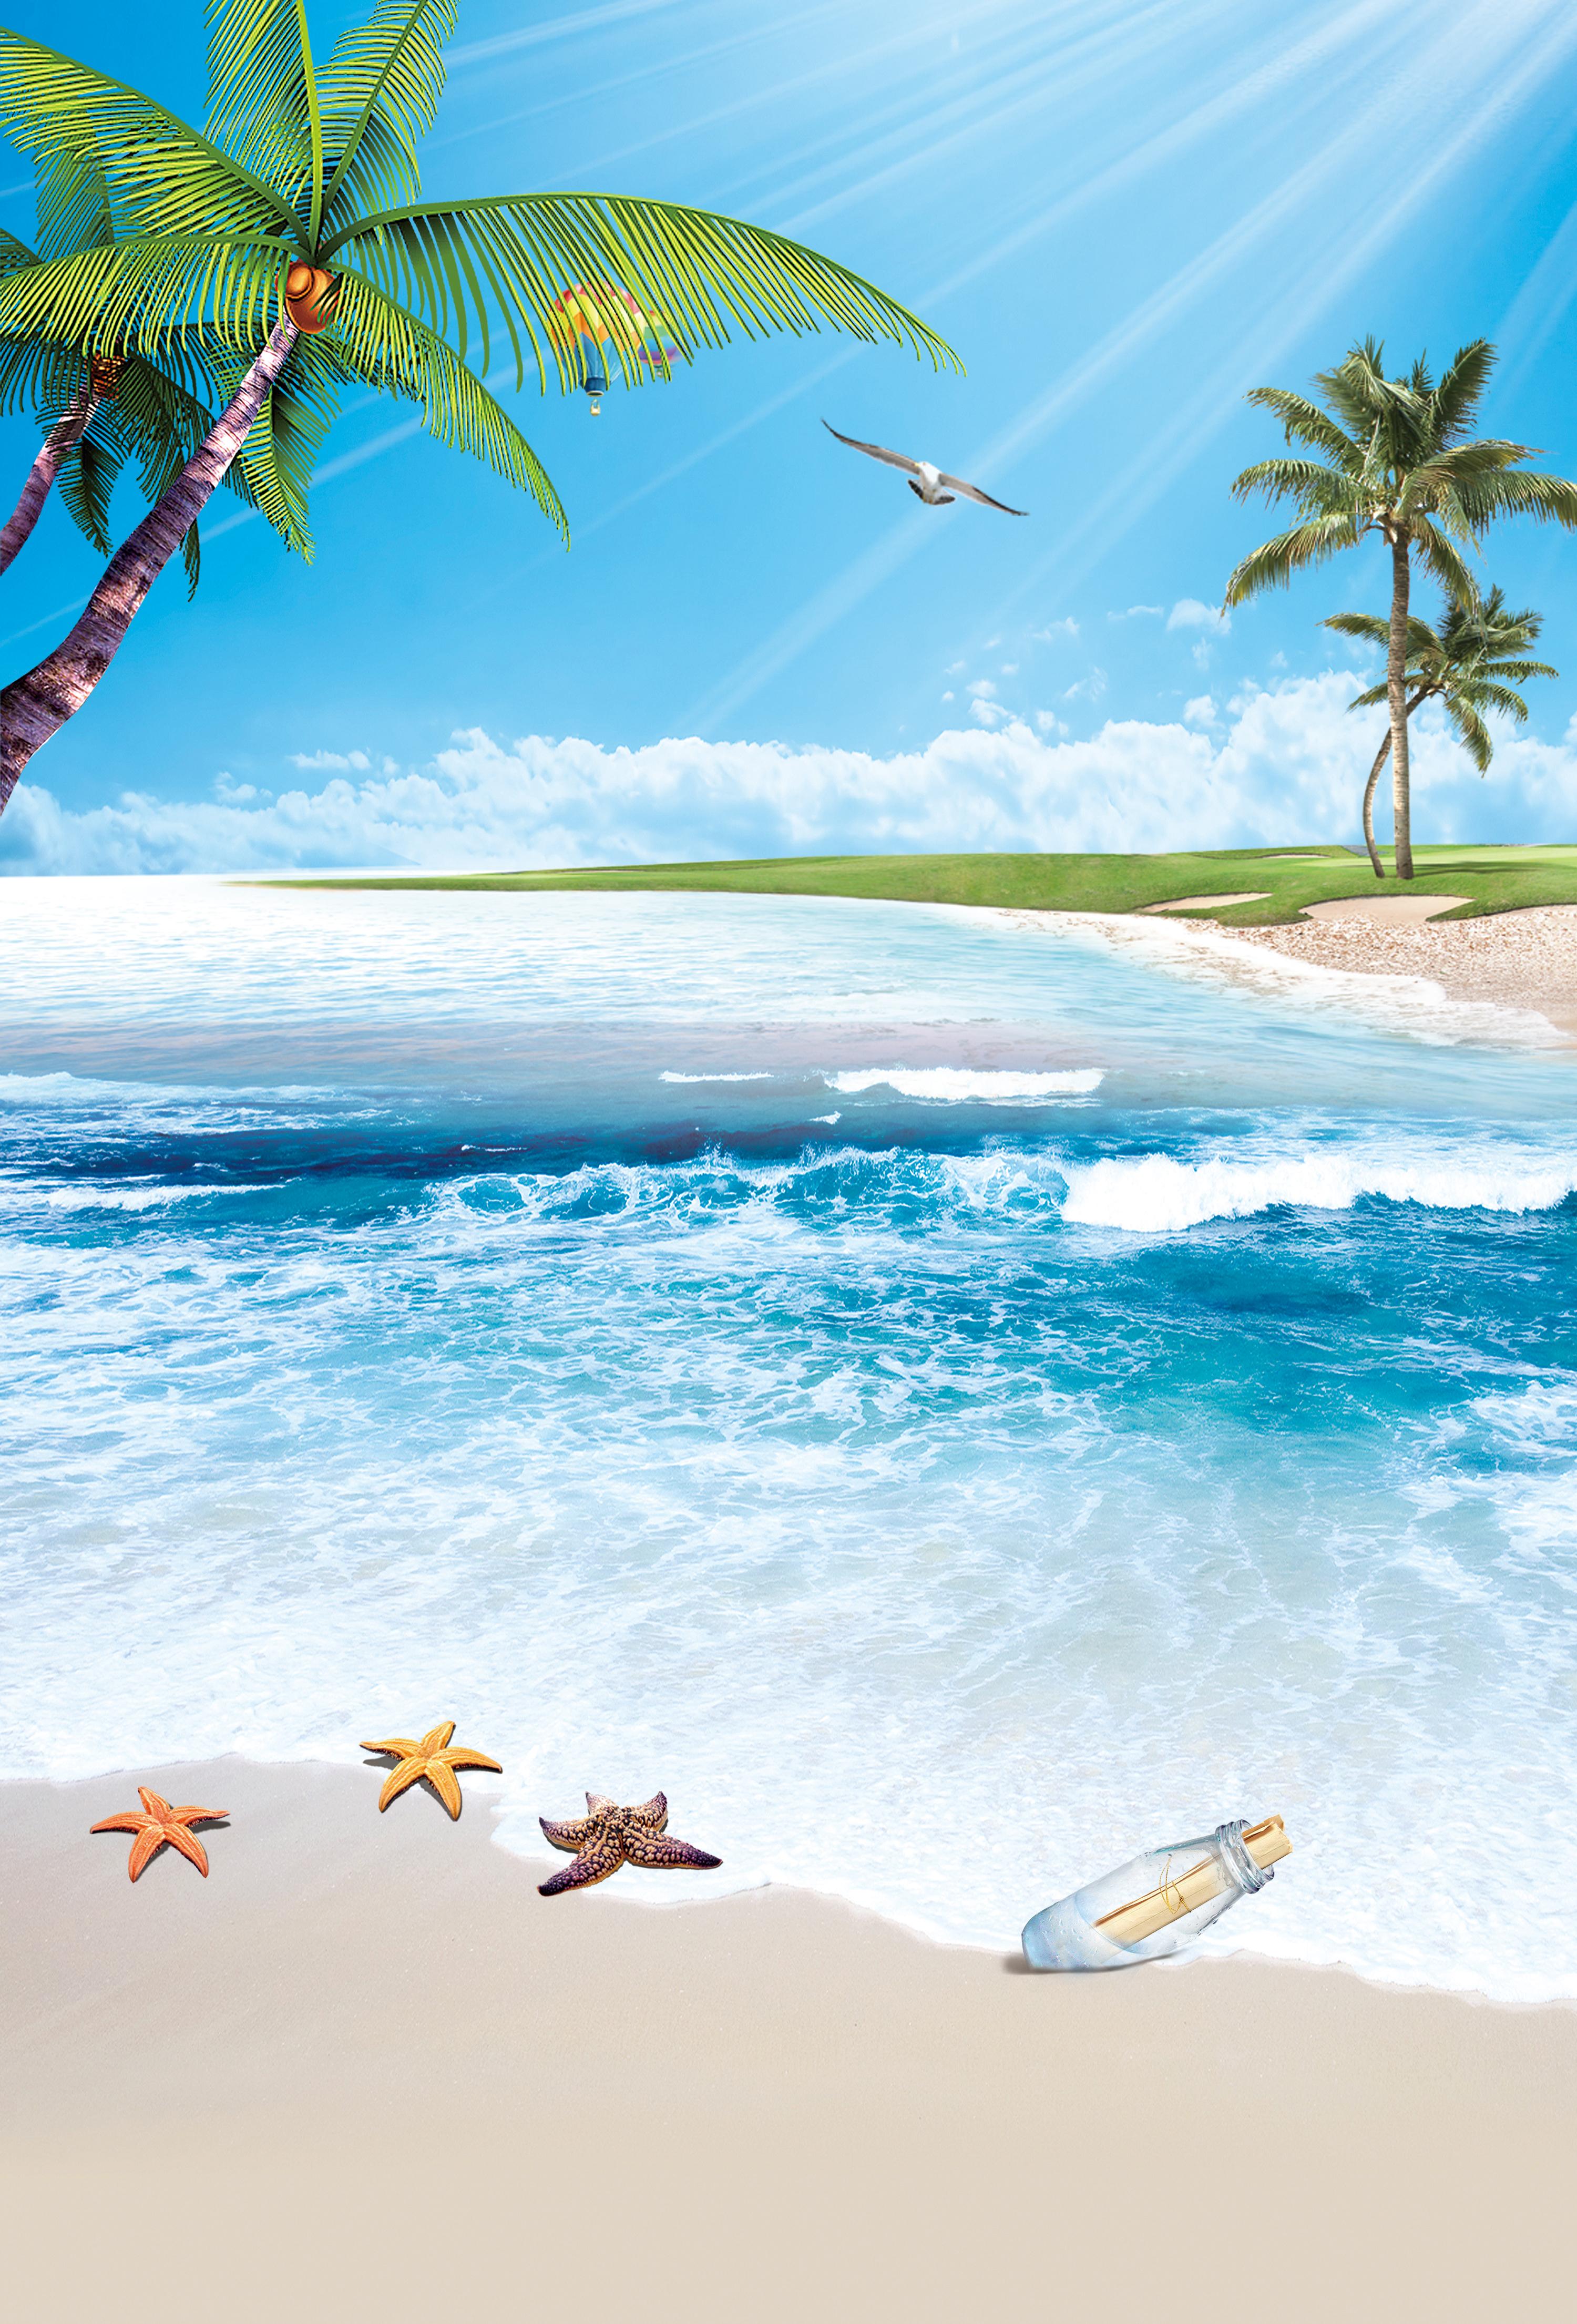 Praia Mar Oceano Areia Background Paisagem Ilha O Para 237 So